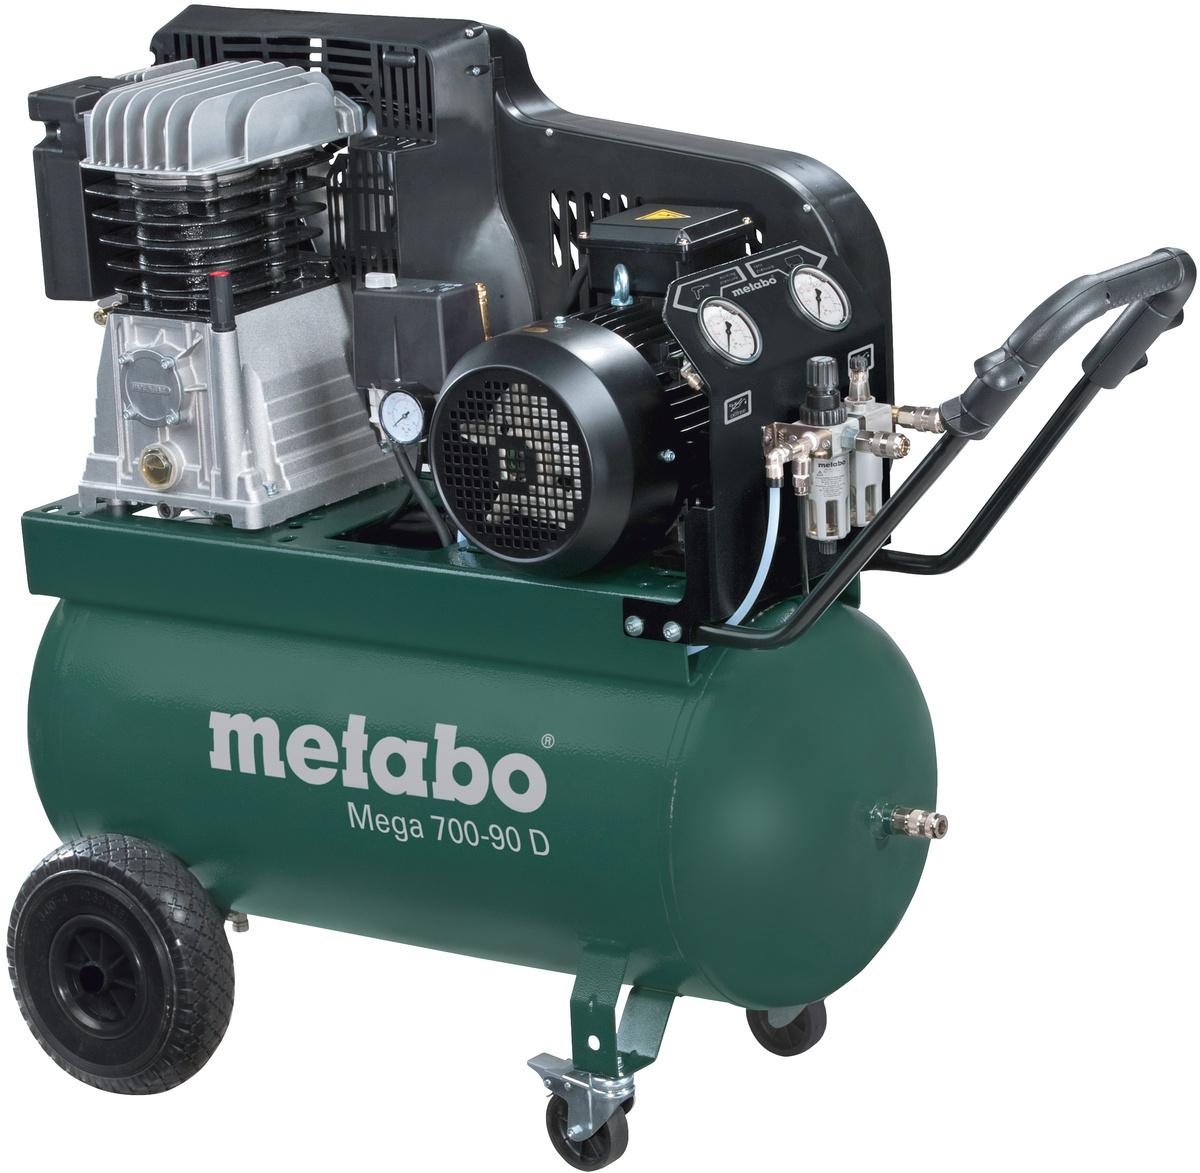 metabo druckluft kompressor mega 700 90 d 75290041 hahn kolb. Black Bedroom Furniture Sets. Home Design Ideas